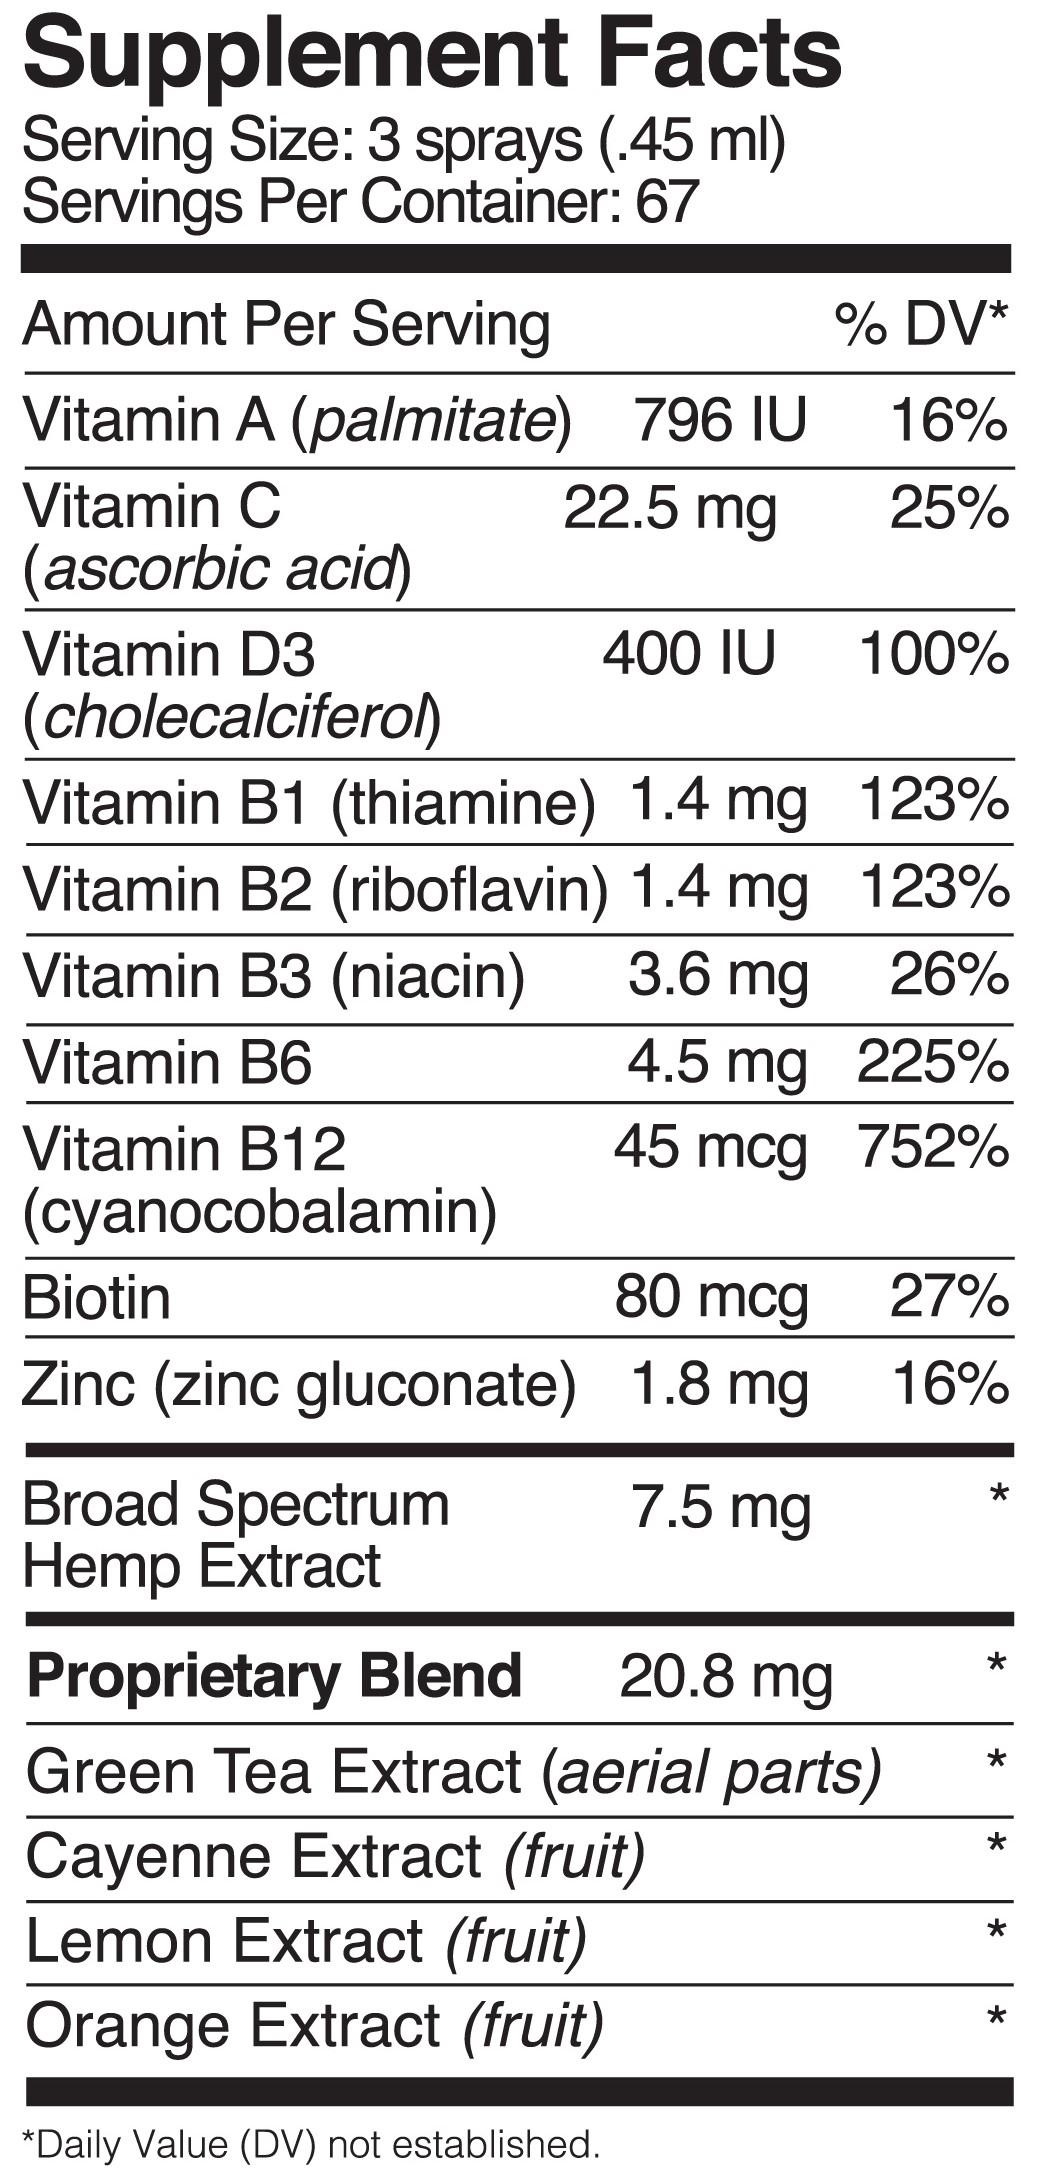 wellness-spray-supplement-facts-lg.jpg